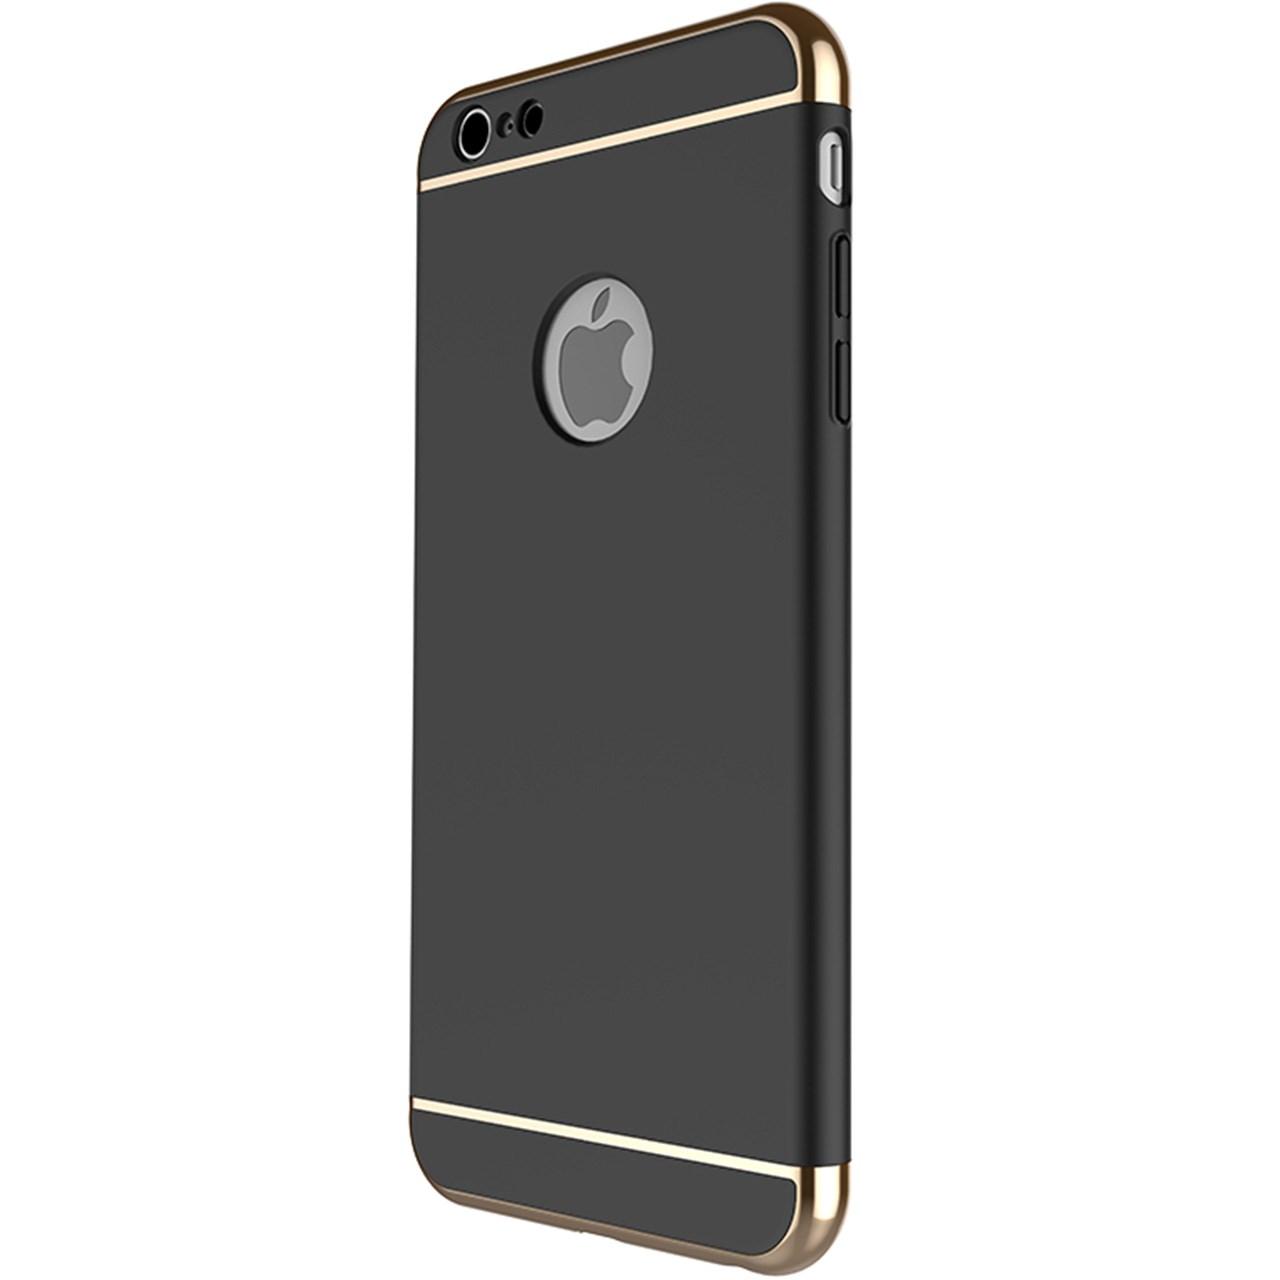 کاور جی روم مدل Tailor مناسب برای گوشی موبایل آیفون 6 پلاس/6s پلاس